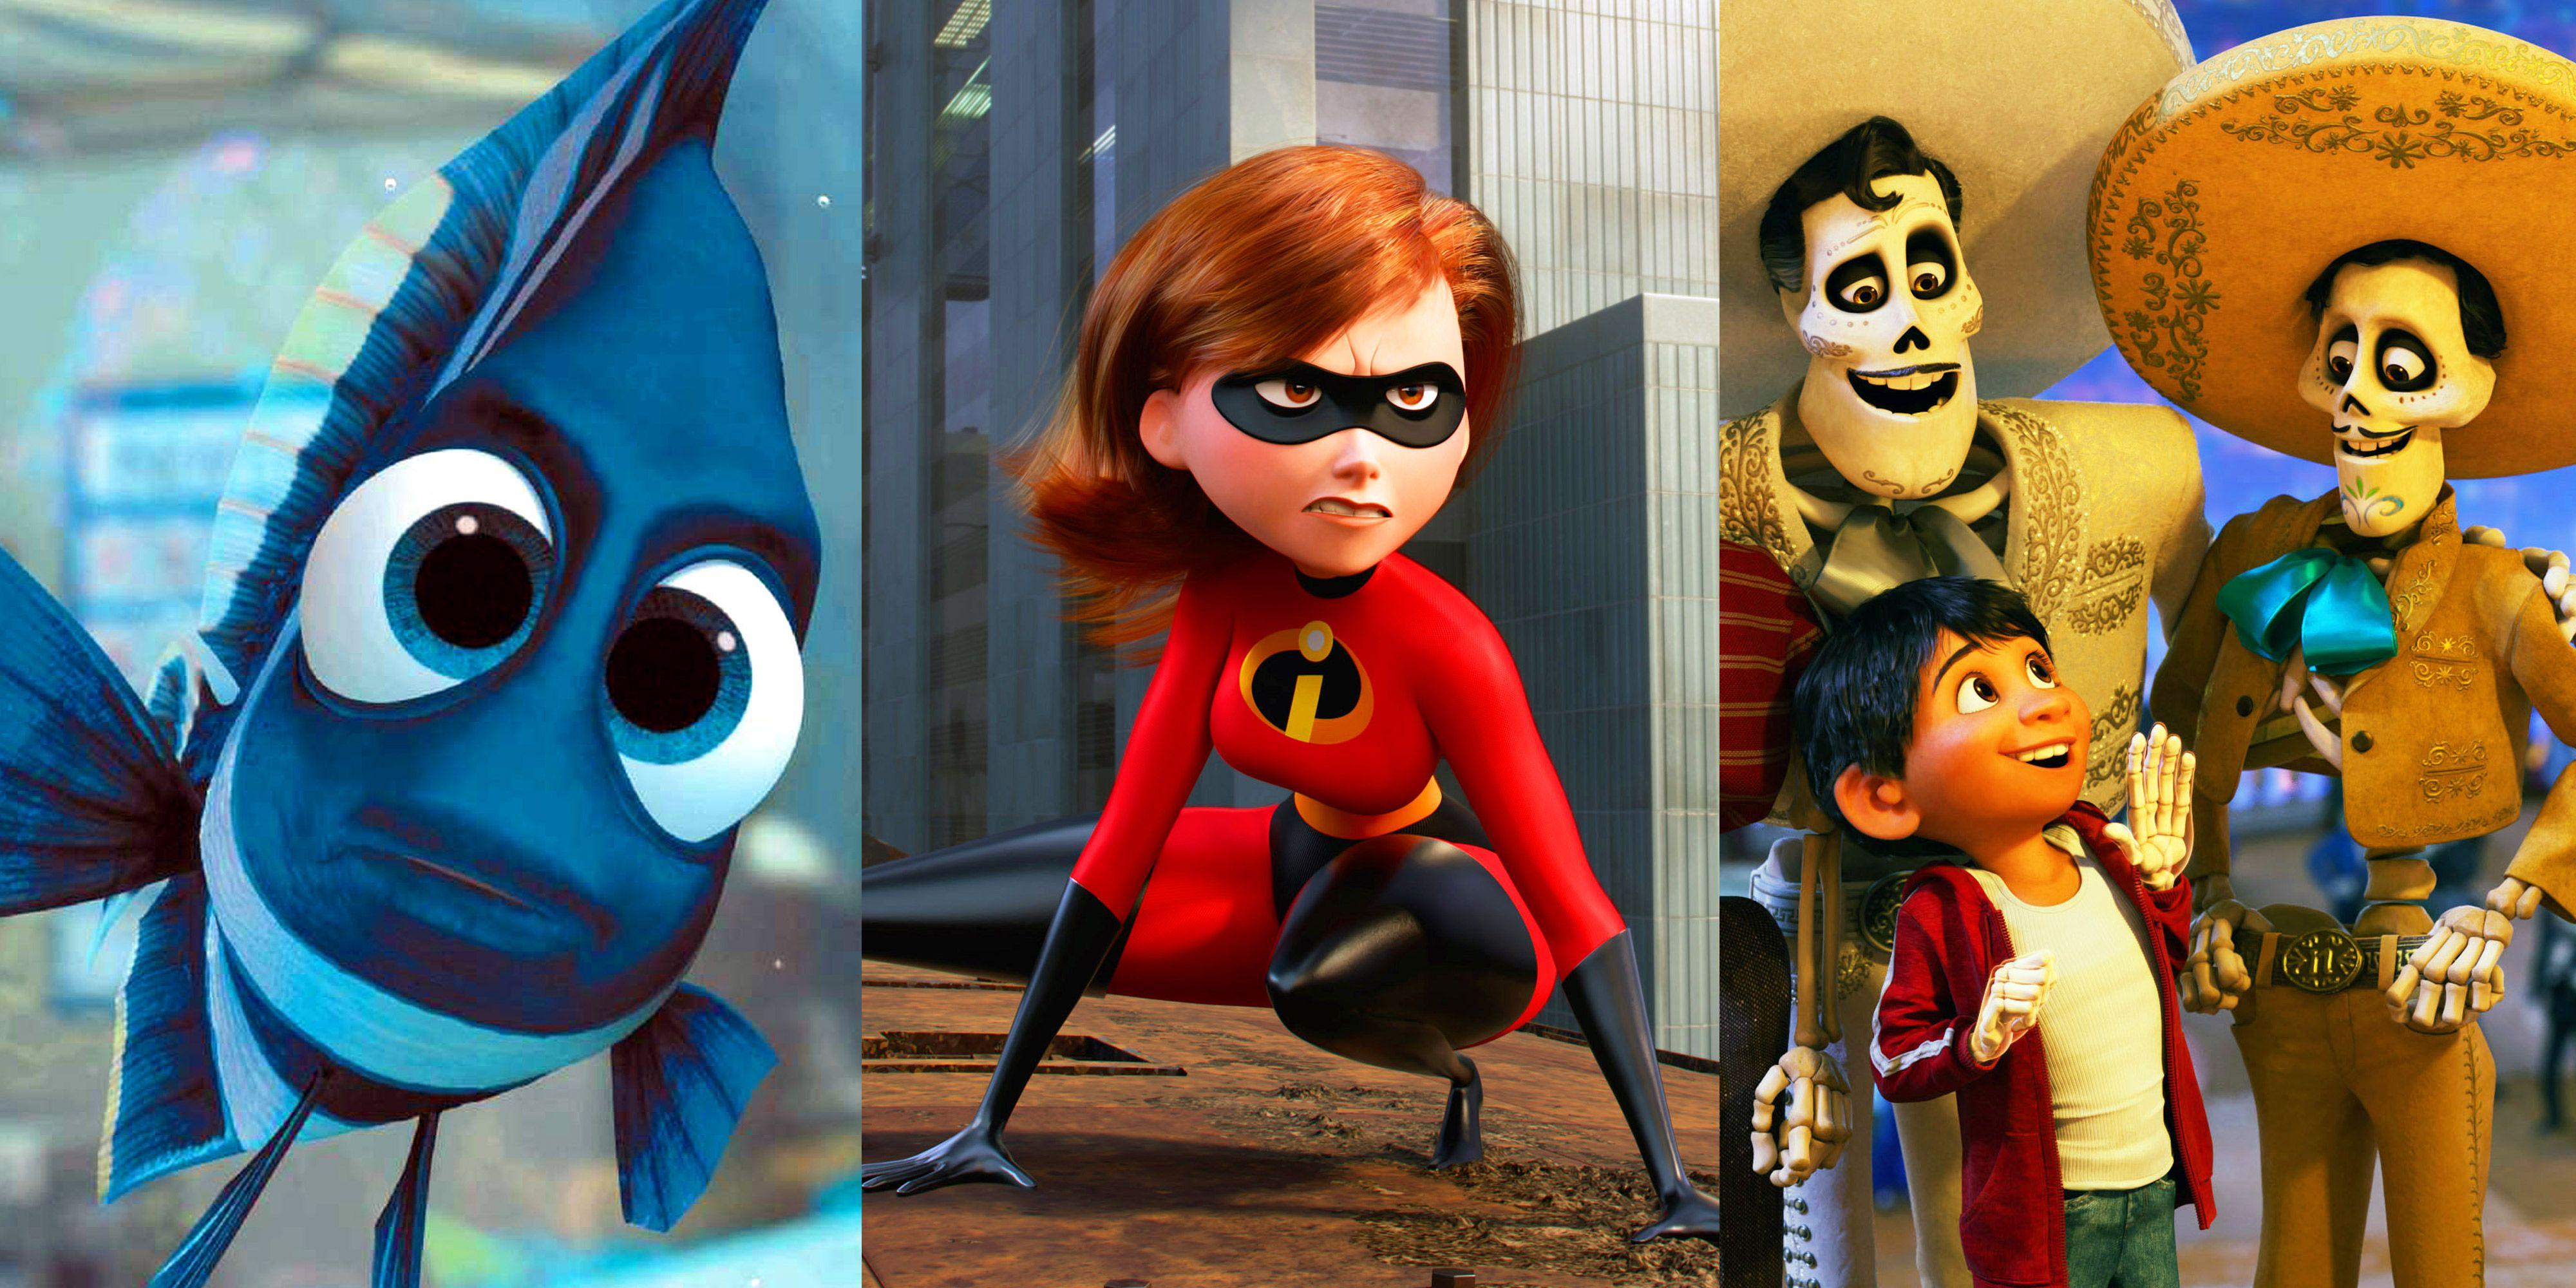 The Top Ten Best Pixar Movie Moments Ranked